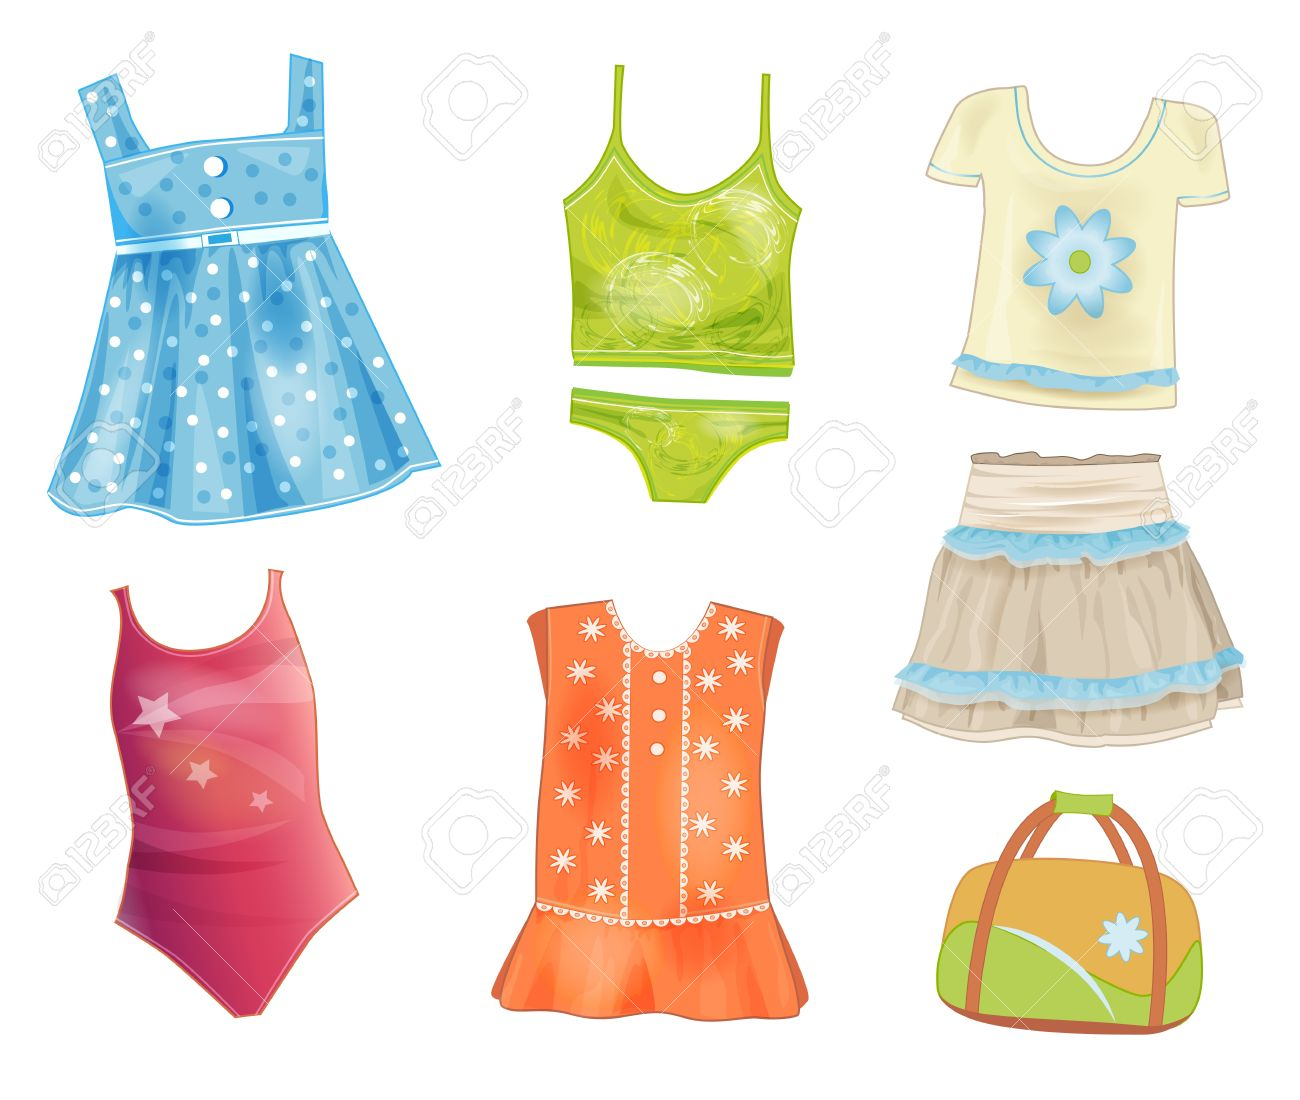 Foto de archivo , conjunto de ropa de verano para niñas